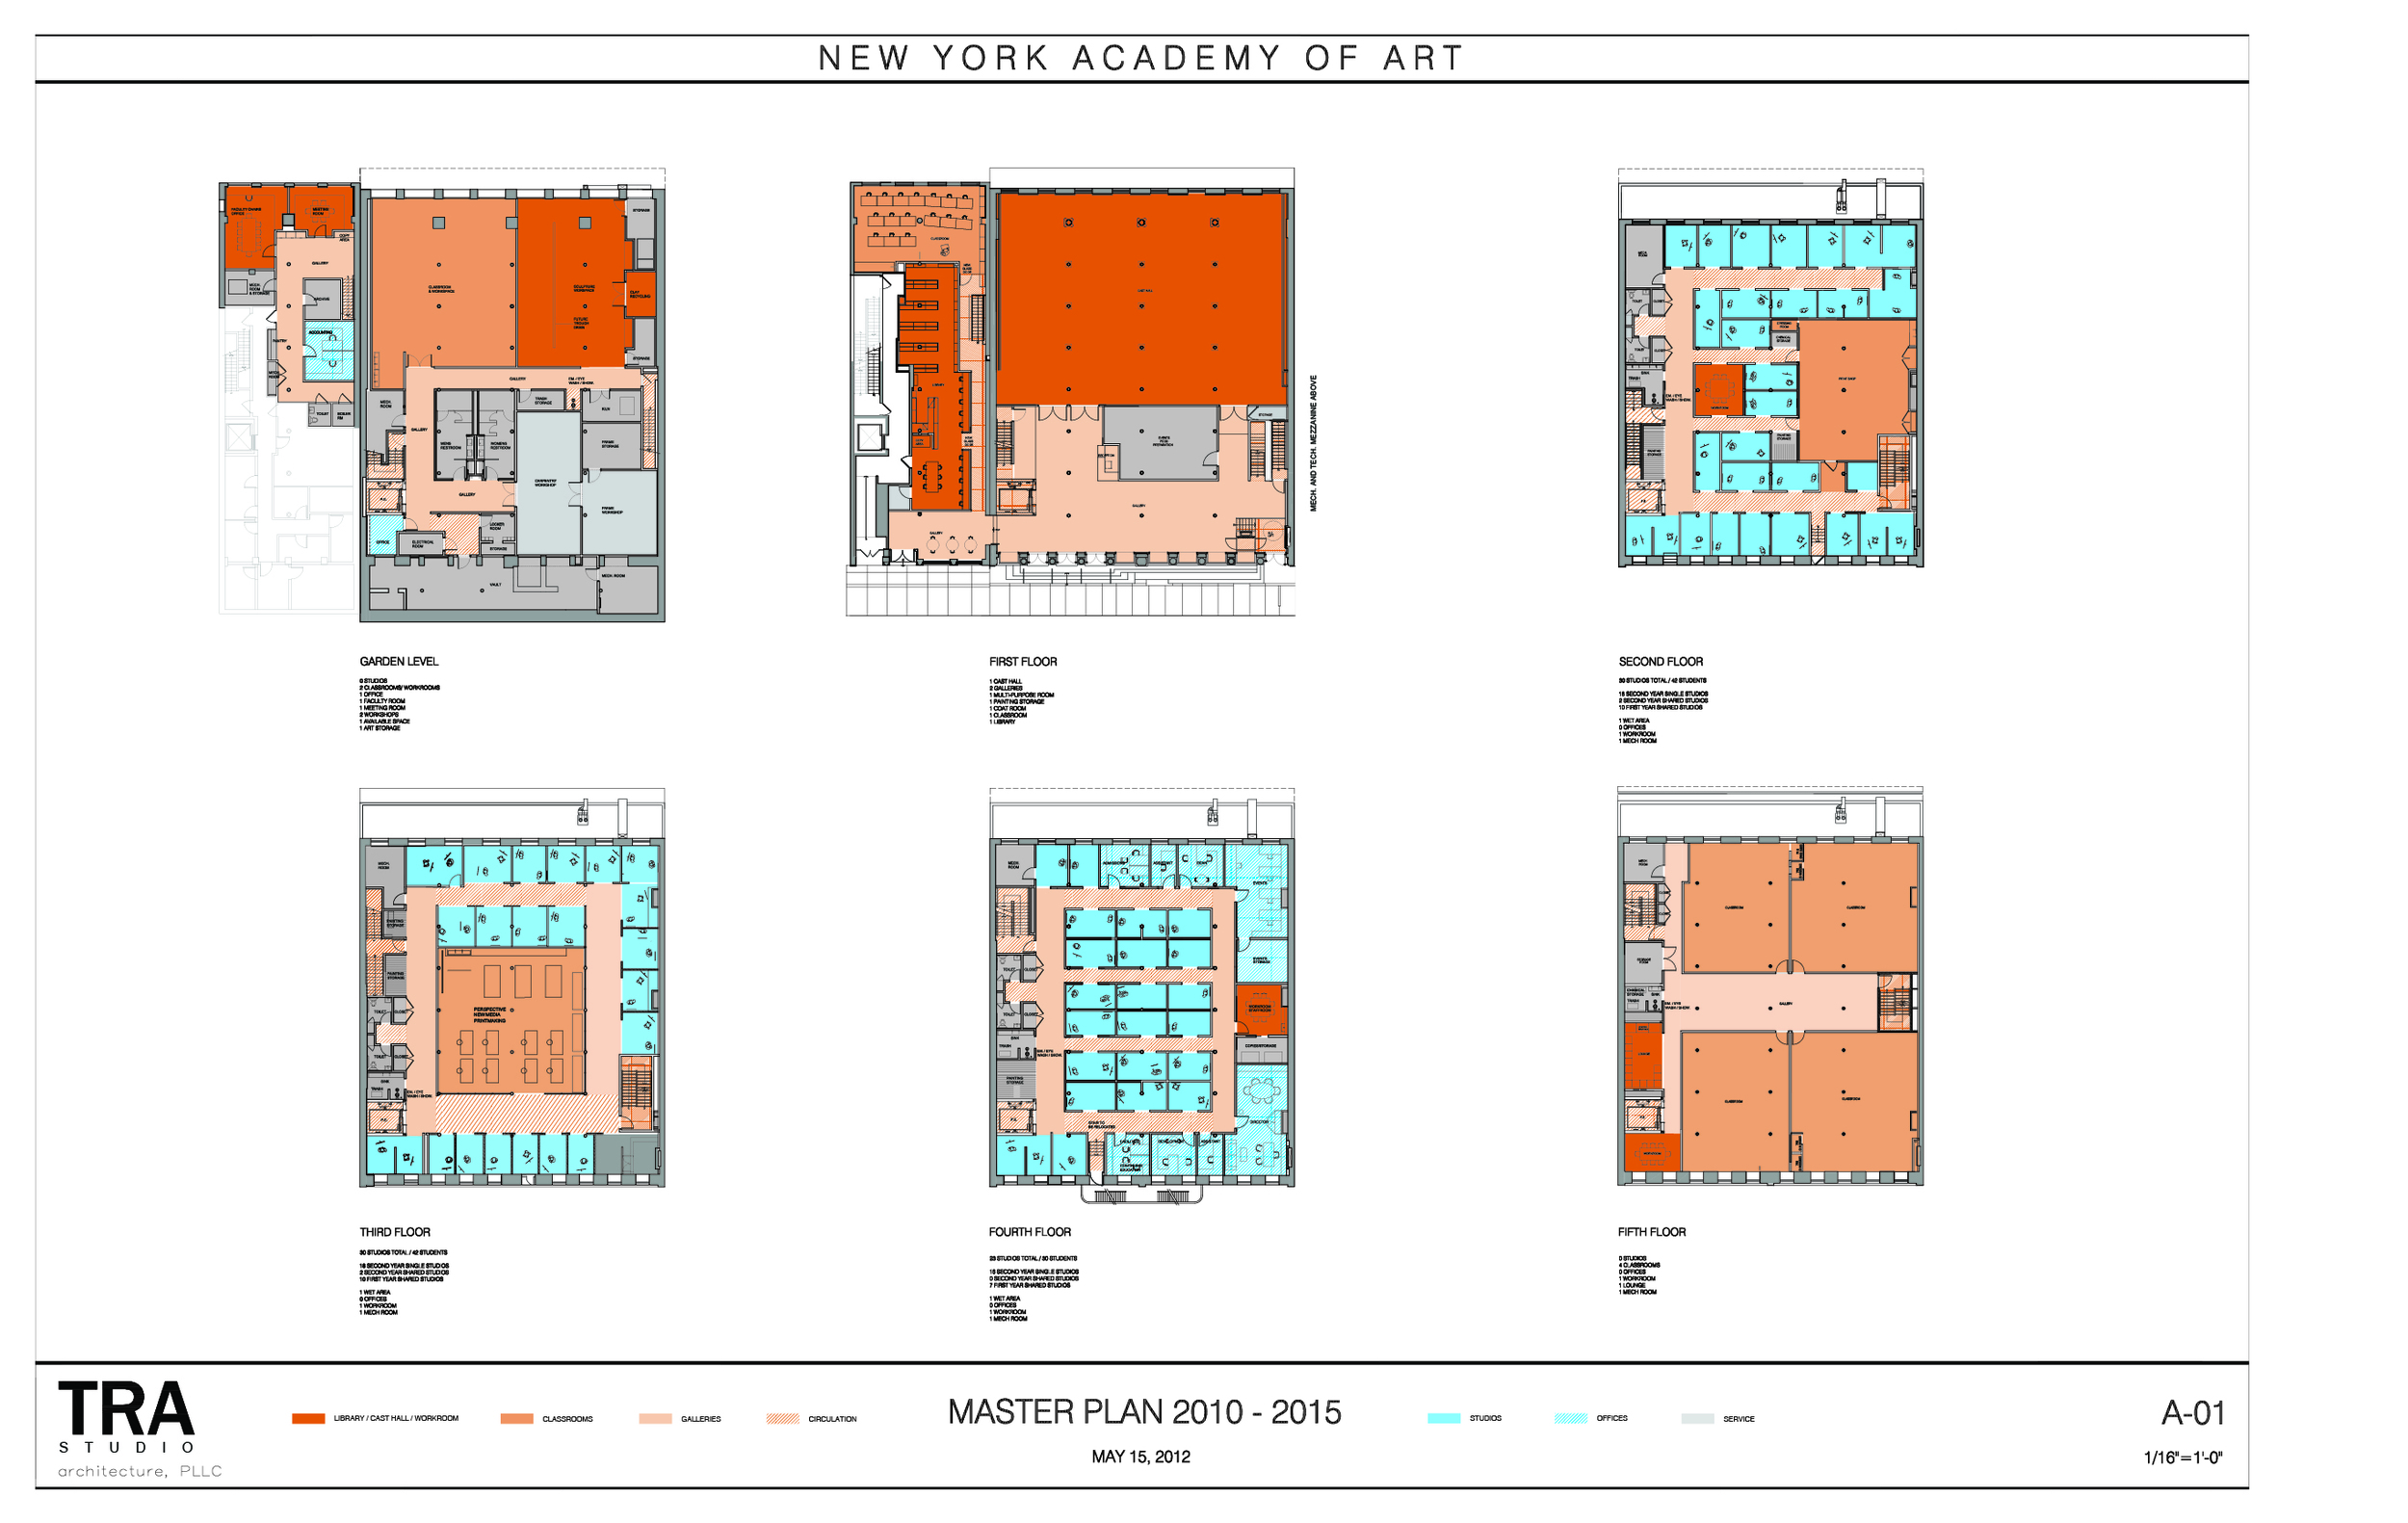 NYAA_Floor Plans.jpg